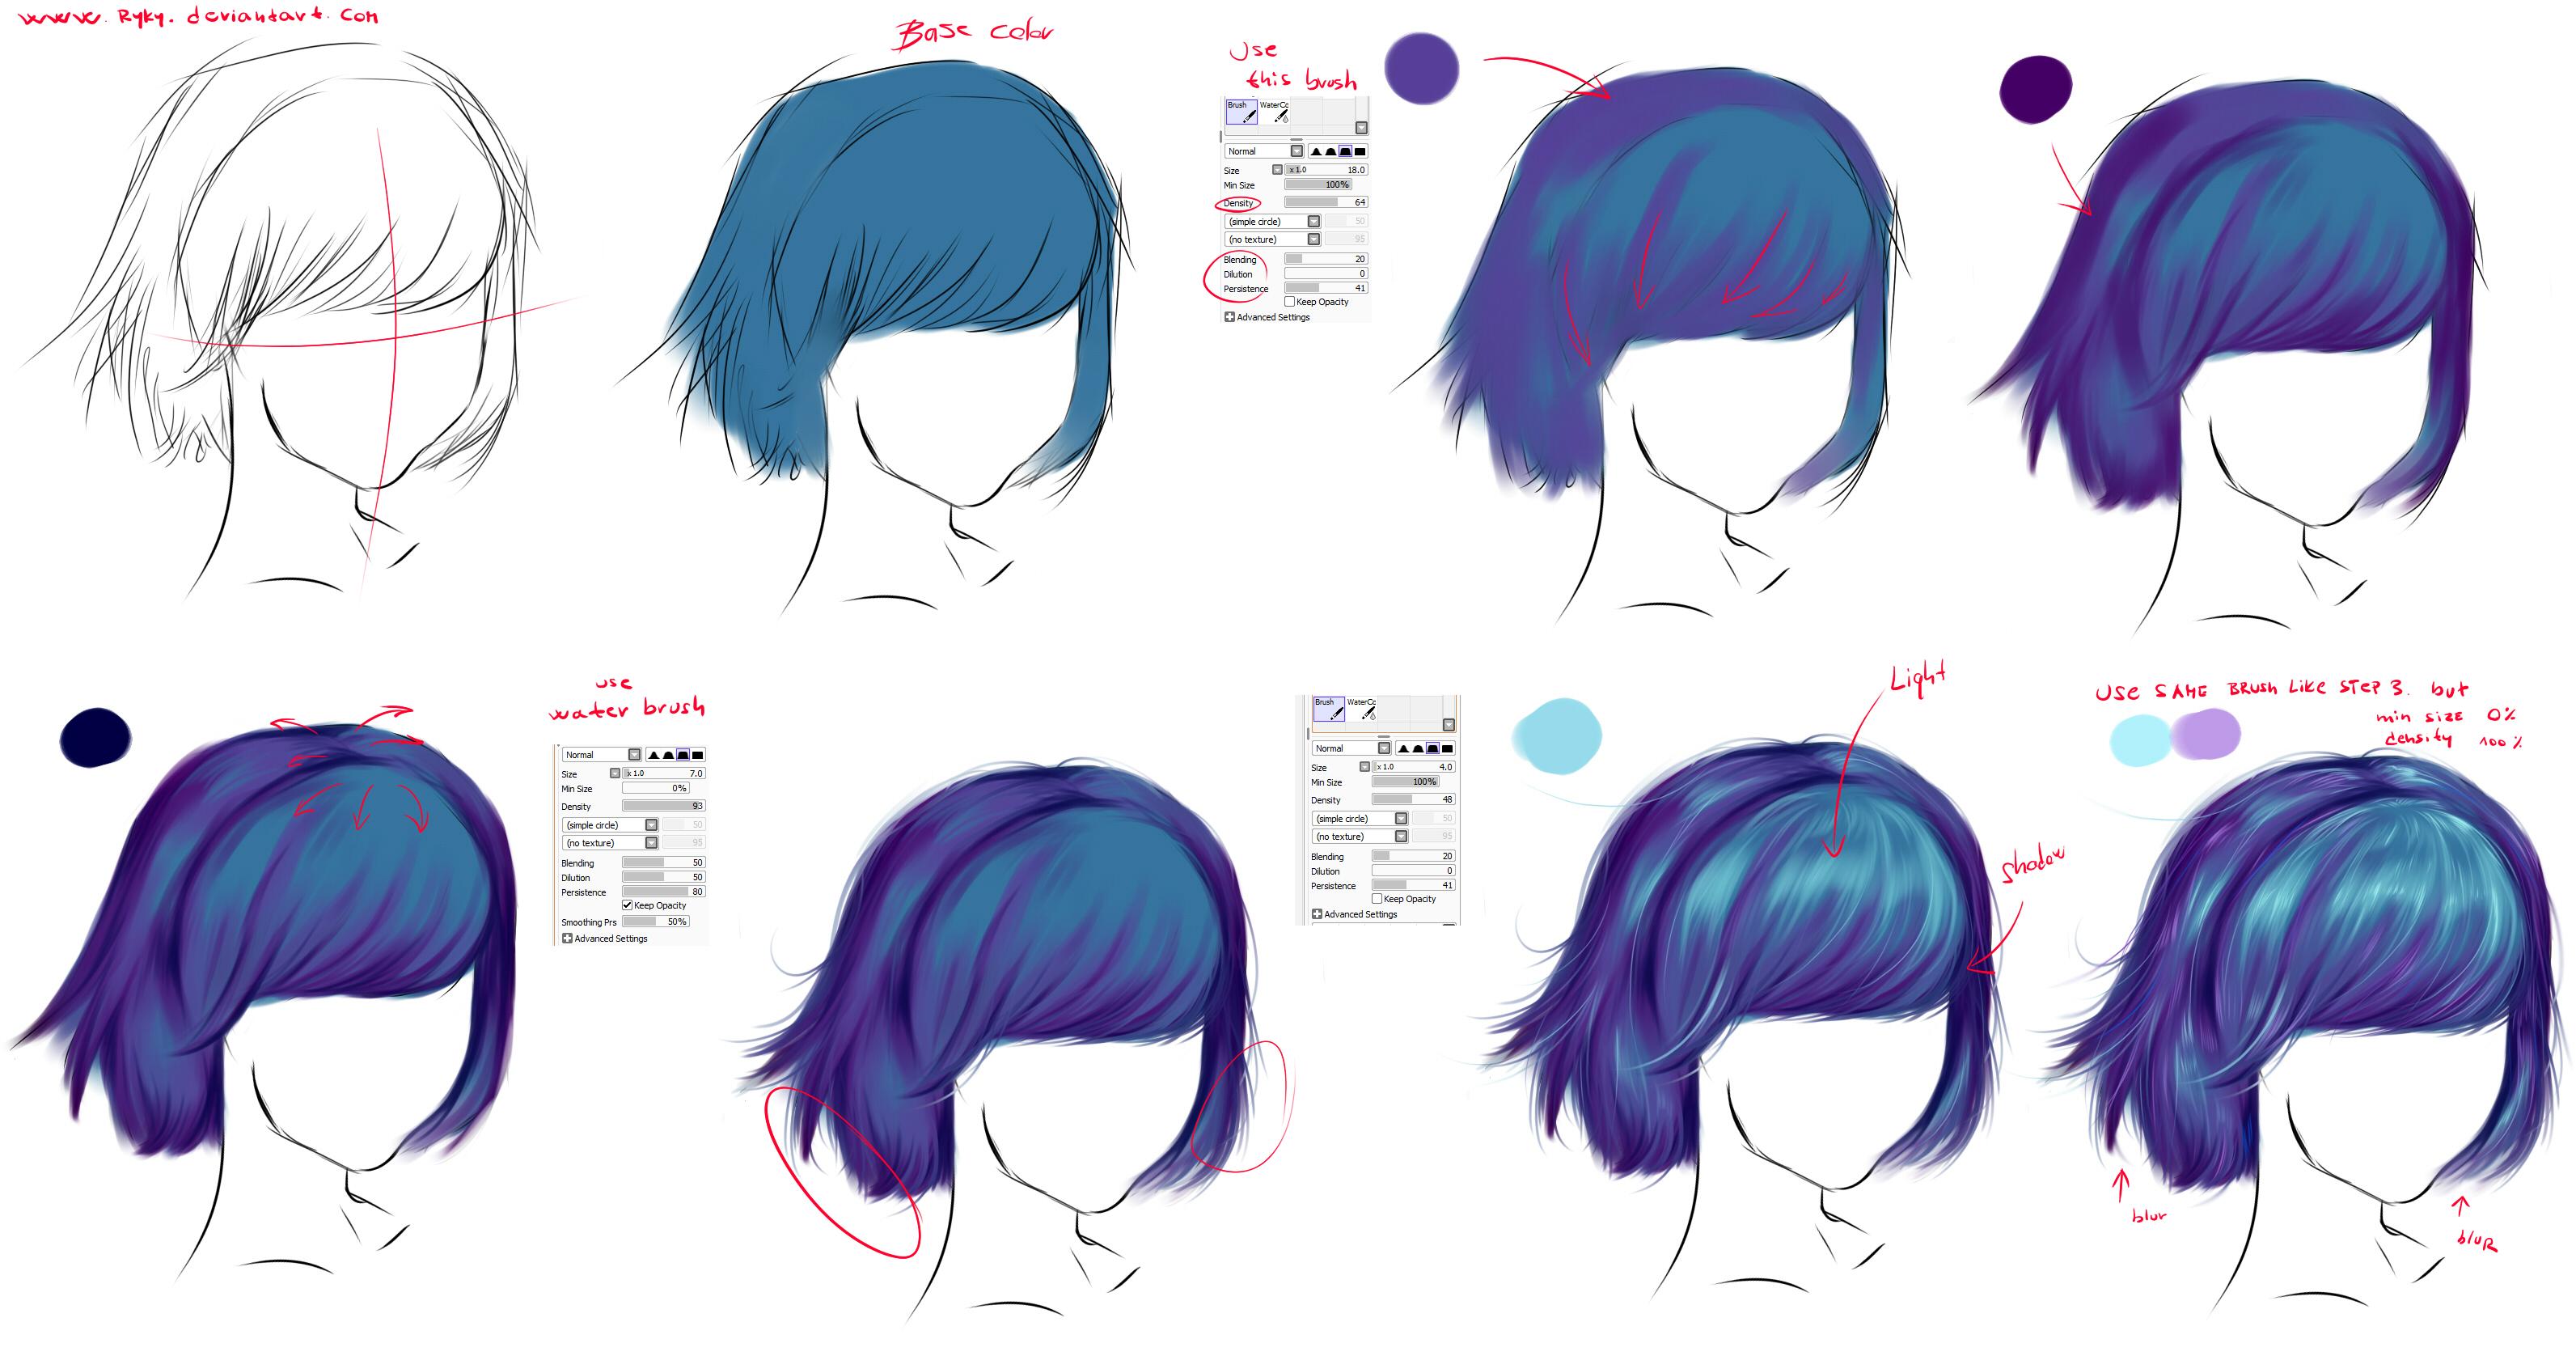 Как сделать в саи волосы